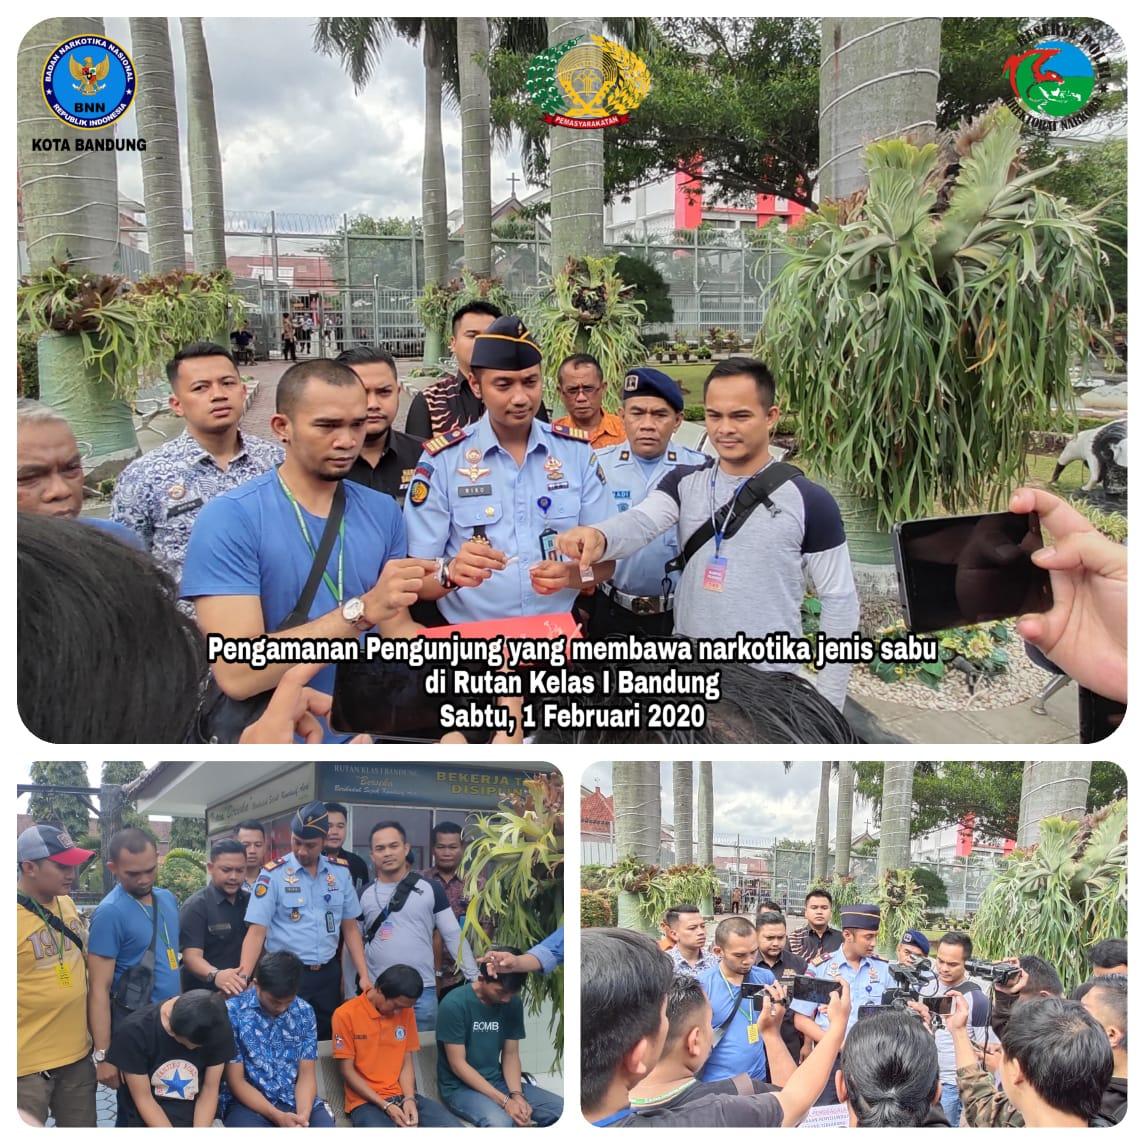 Pengamanan pengunjung Rutan Kelas I oleh Tim Berantas BNN Kota Bandung